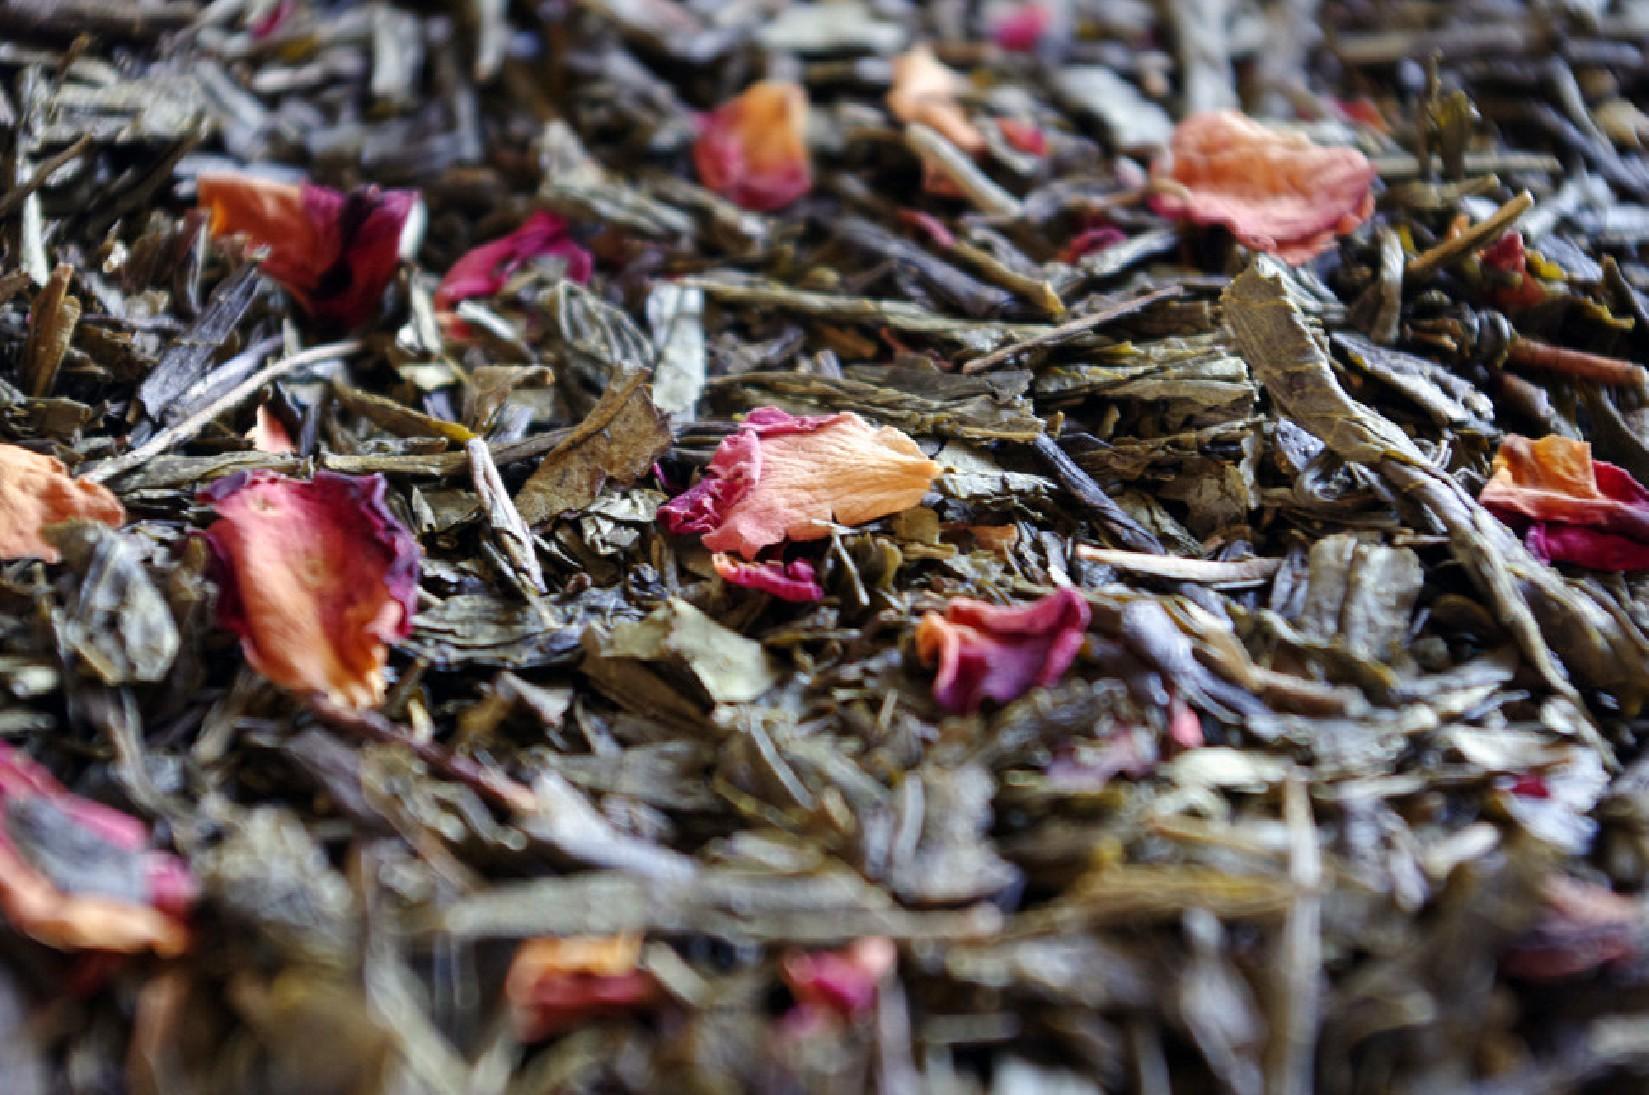 thé vert aromatisé sencha fleuri pamplemousse fraise par Tea & Cie acheter du thé